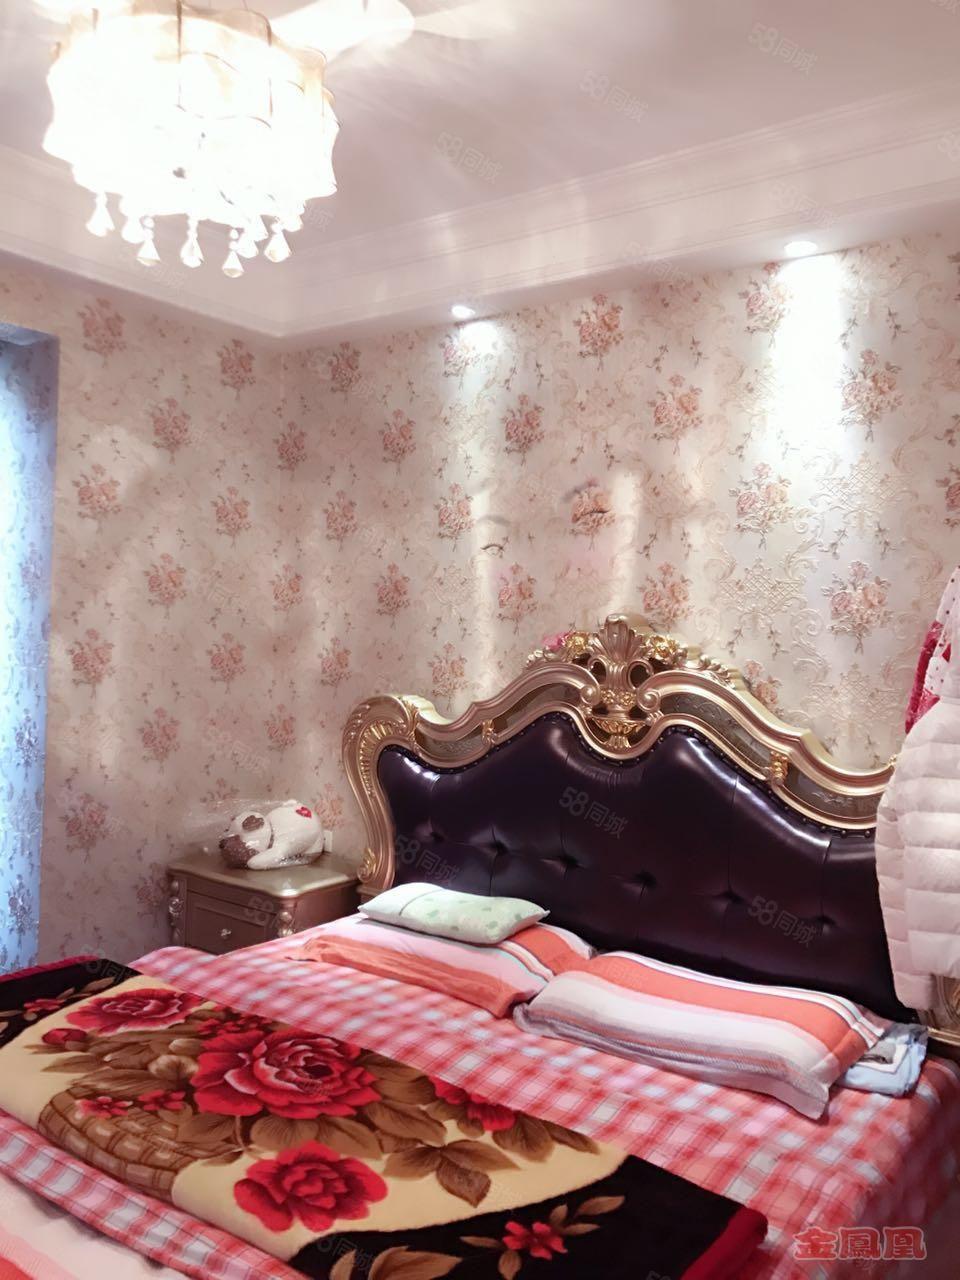 豪装锦江国际好房子出租,全套高档装修江景房,资源不多了、